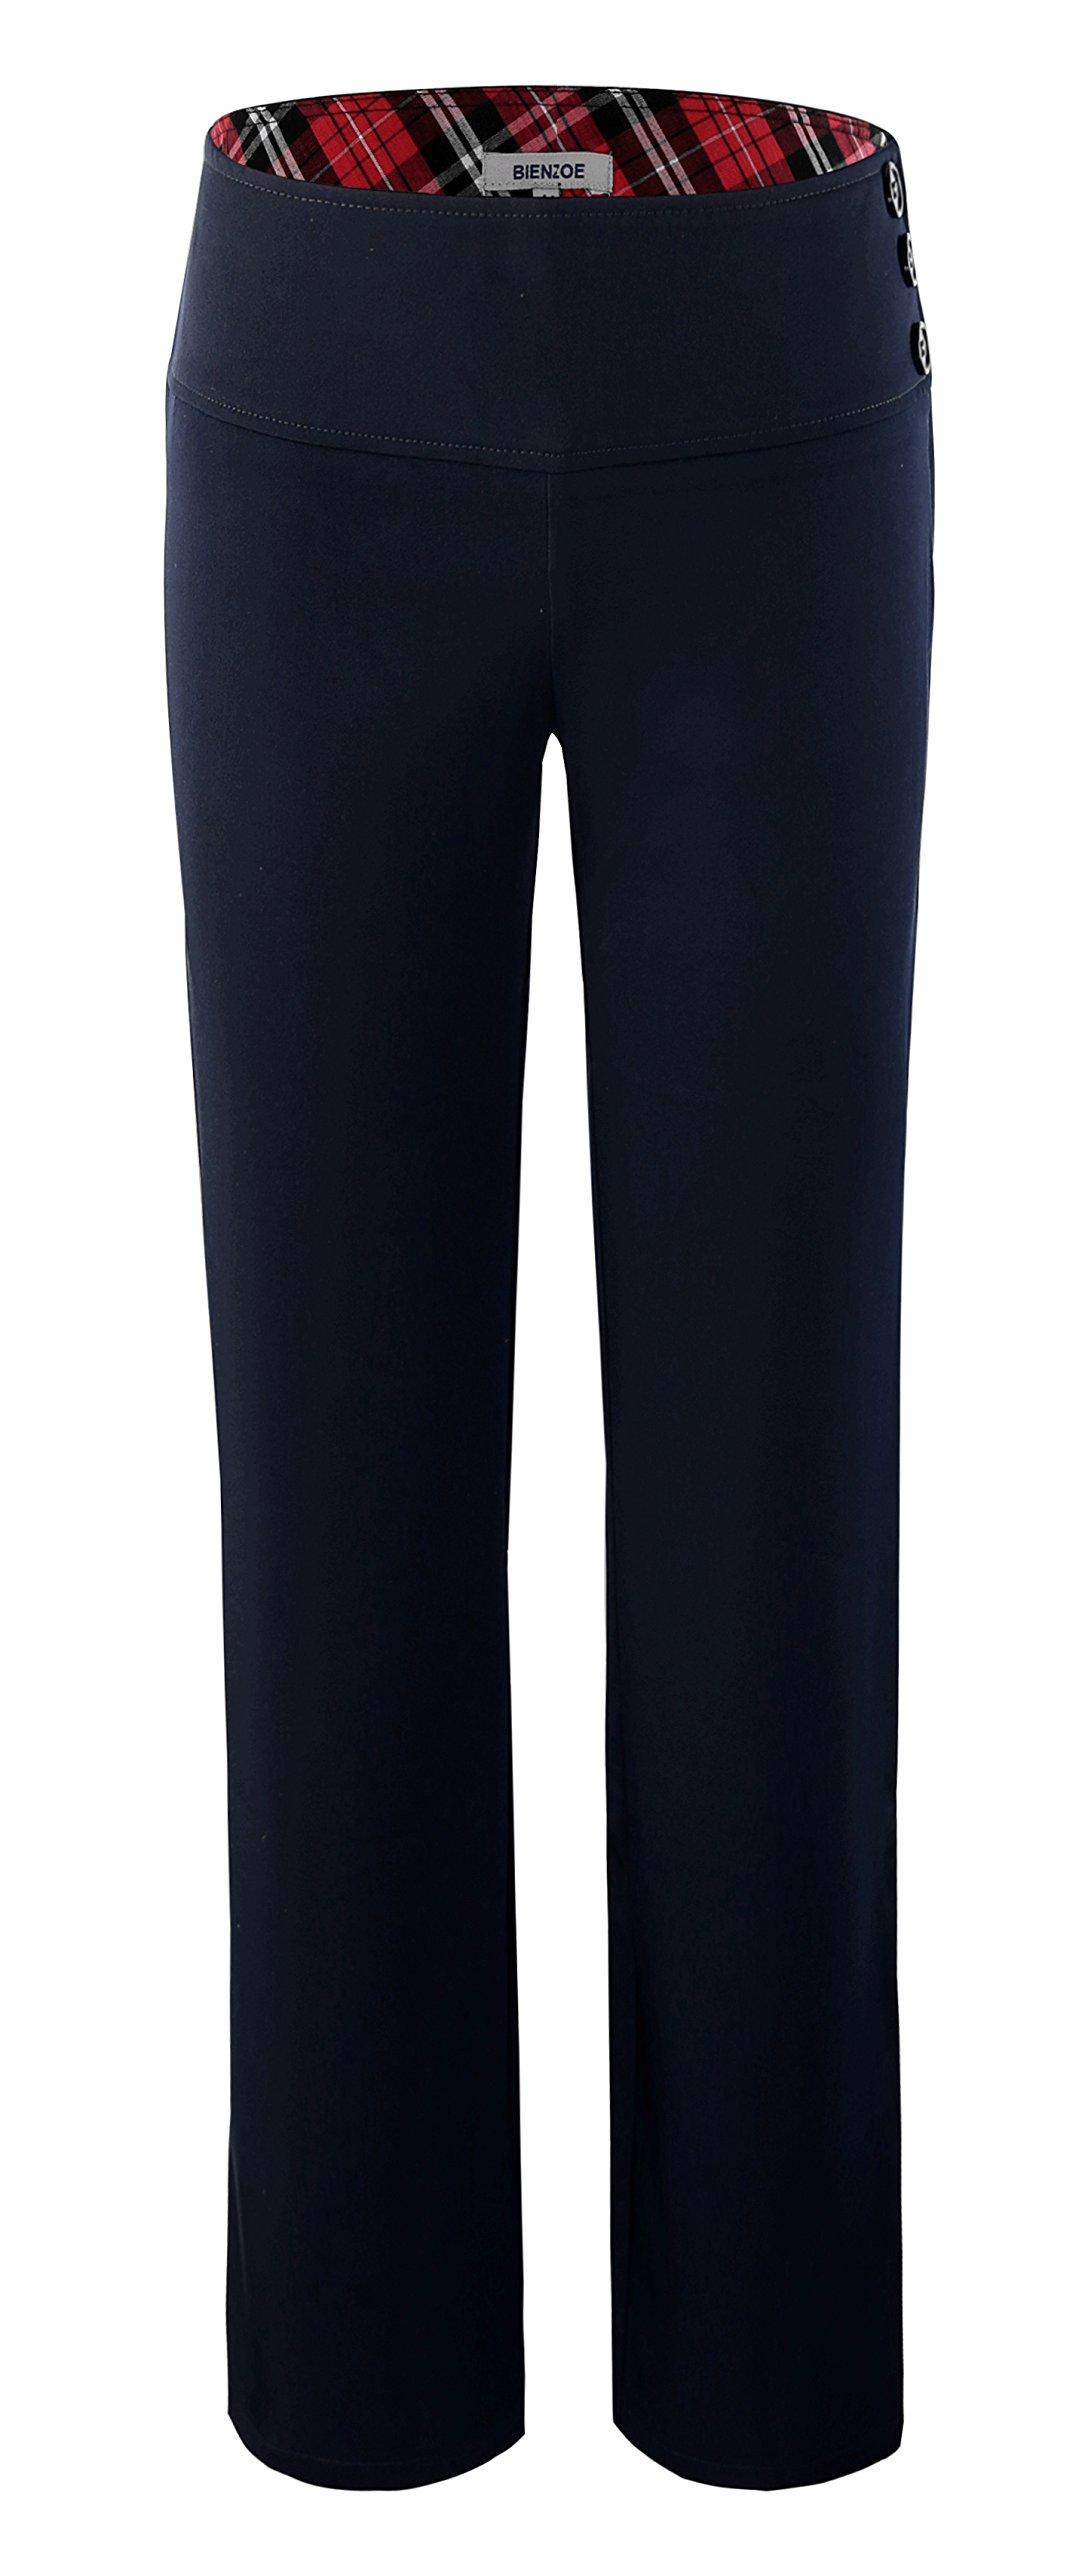 Bienzoe Girl's School Uniforms High Tech Durable Adjust Waist Pants Navy 12